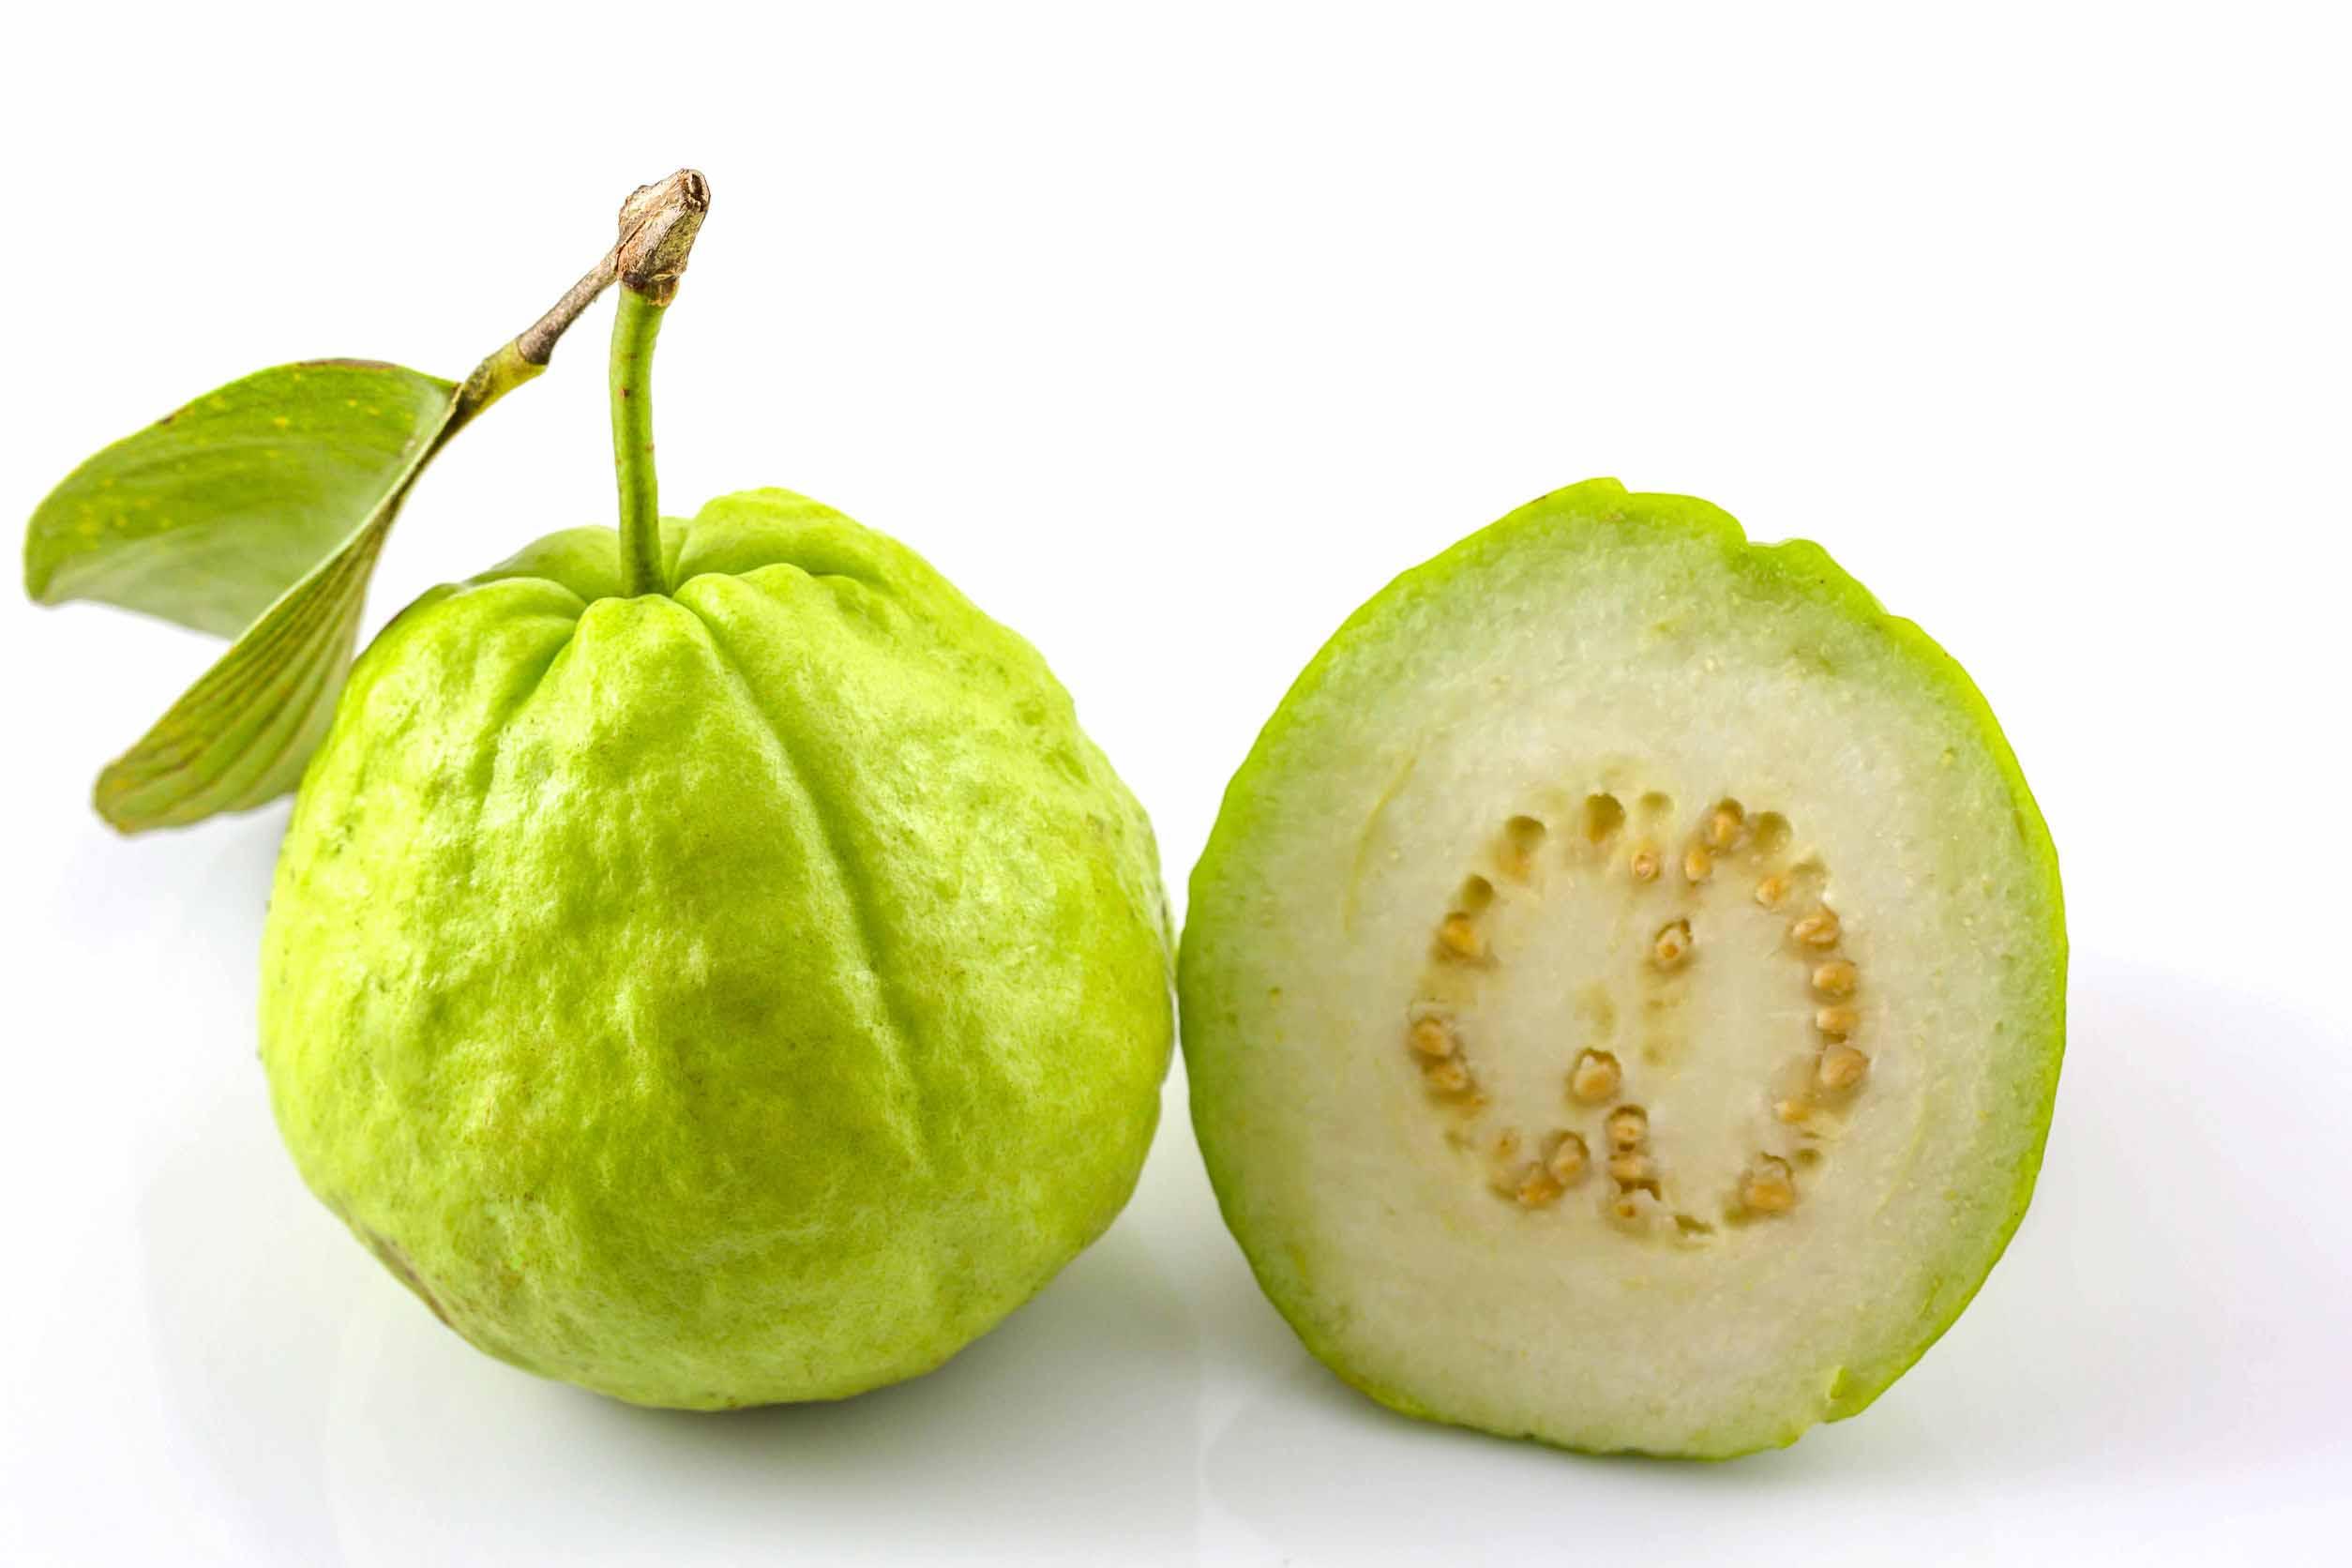 สุขภาพน่ารู้ - ฝรั่ง สรรพคุณและประโยชน์ของฝรั่ง 33 ข้อ !